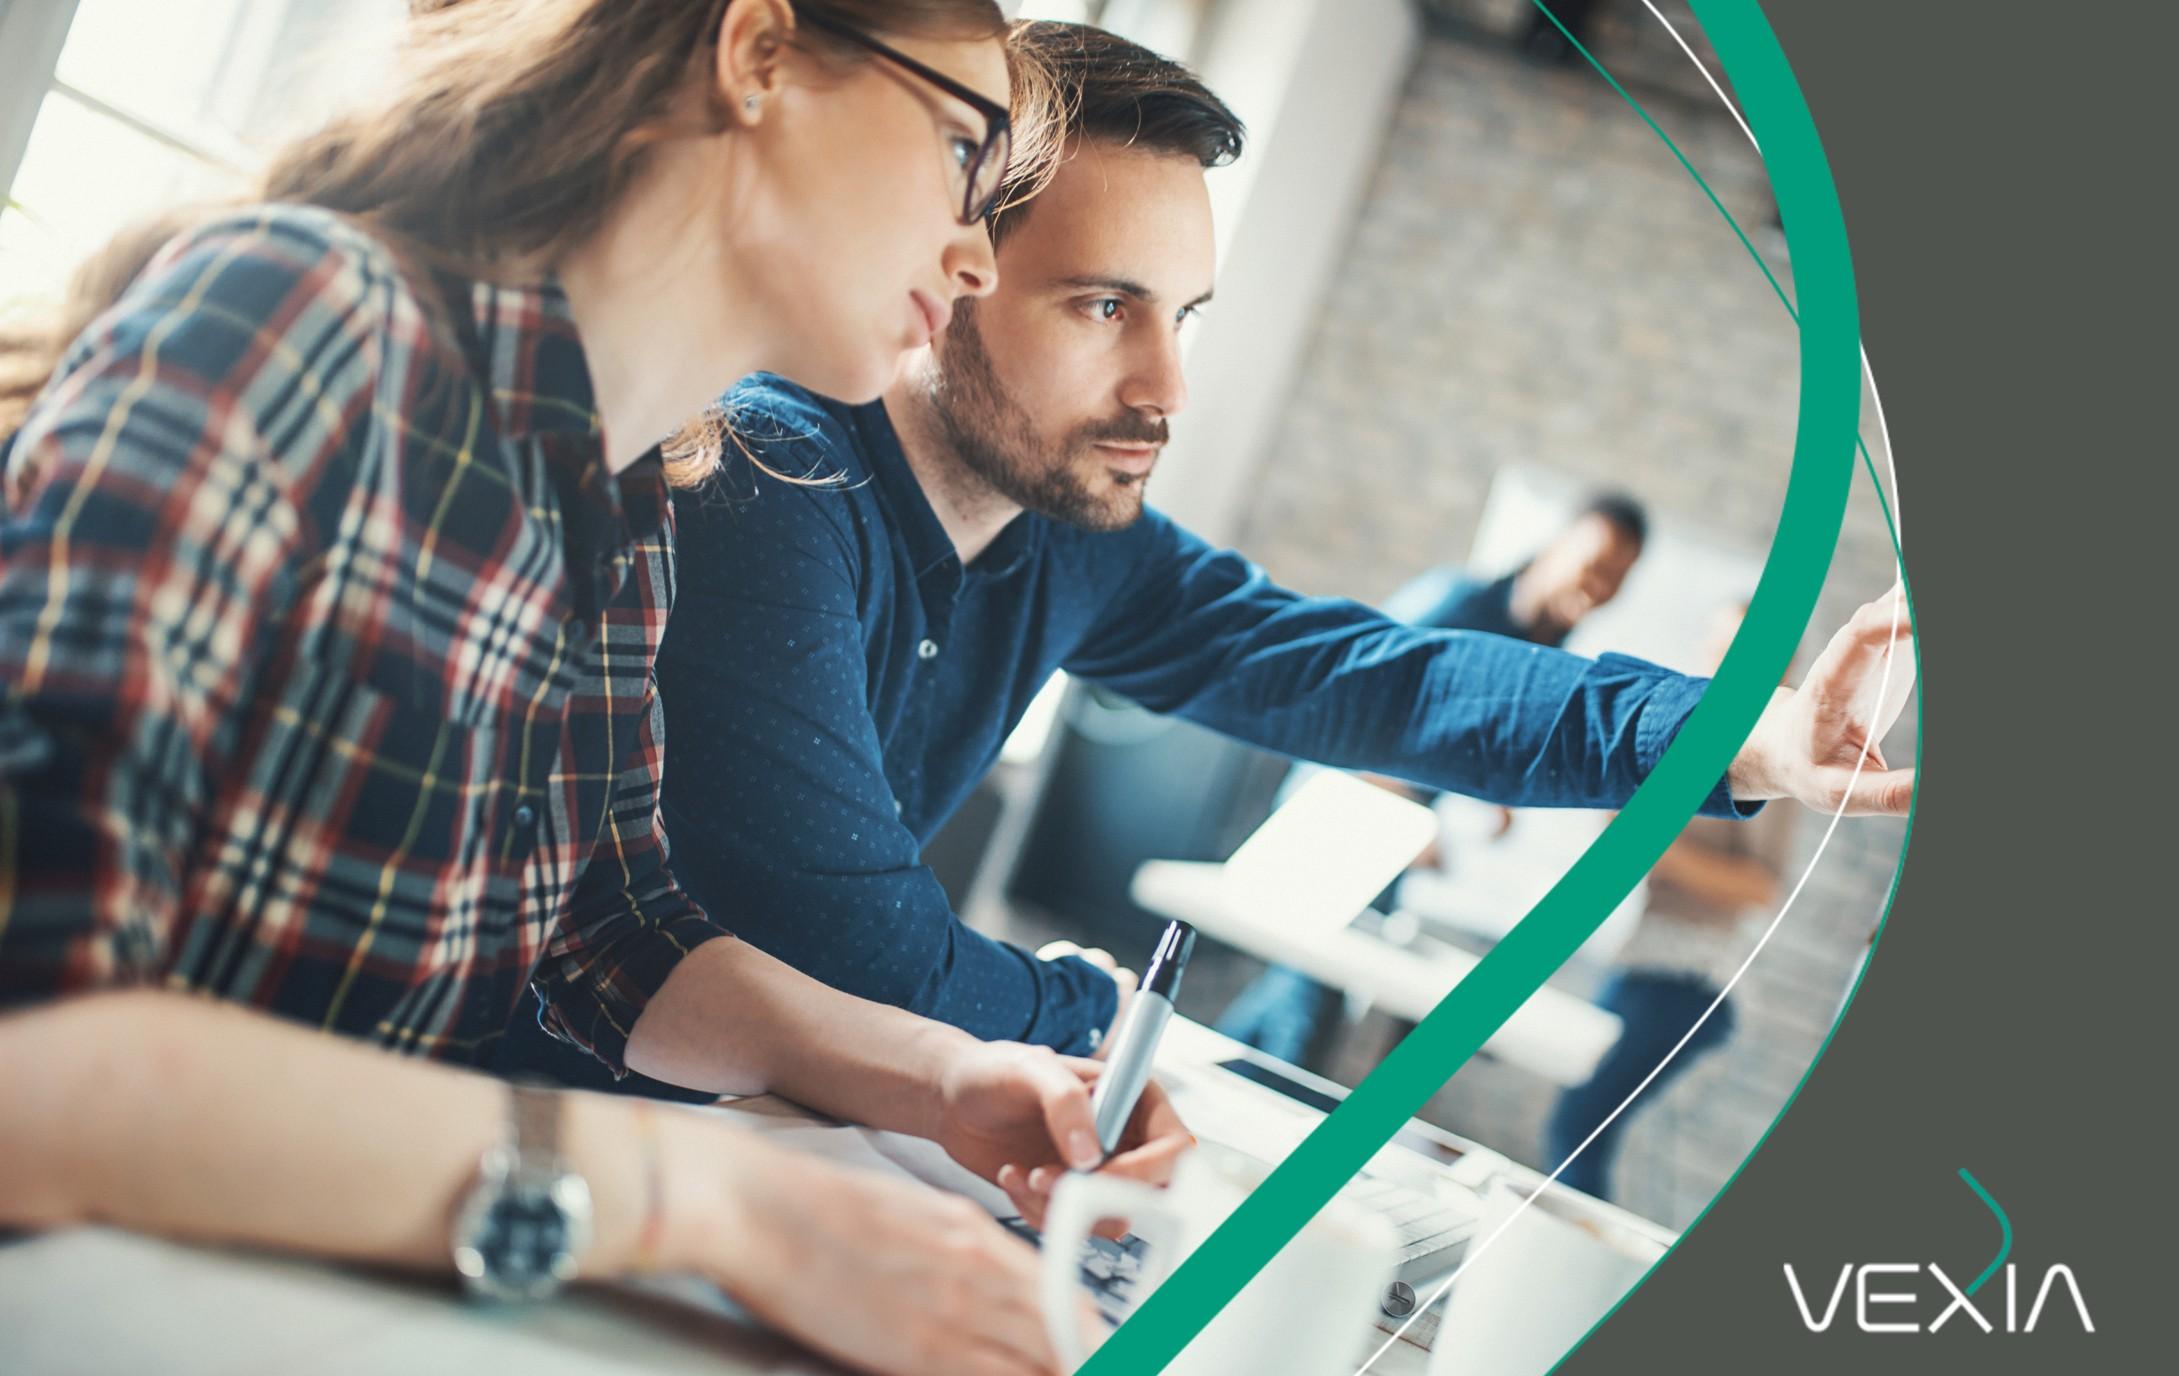 Agenda CIO 2019: entenda como a Vexia pode contribuir